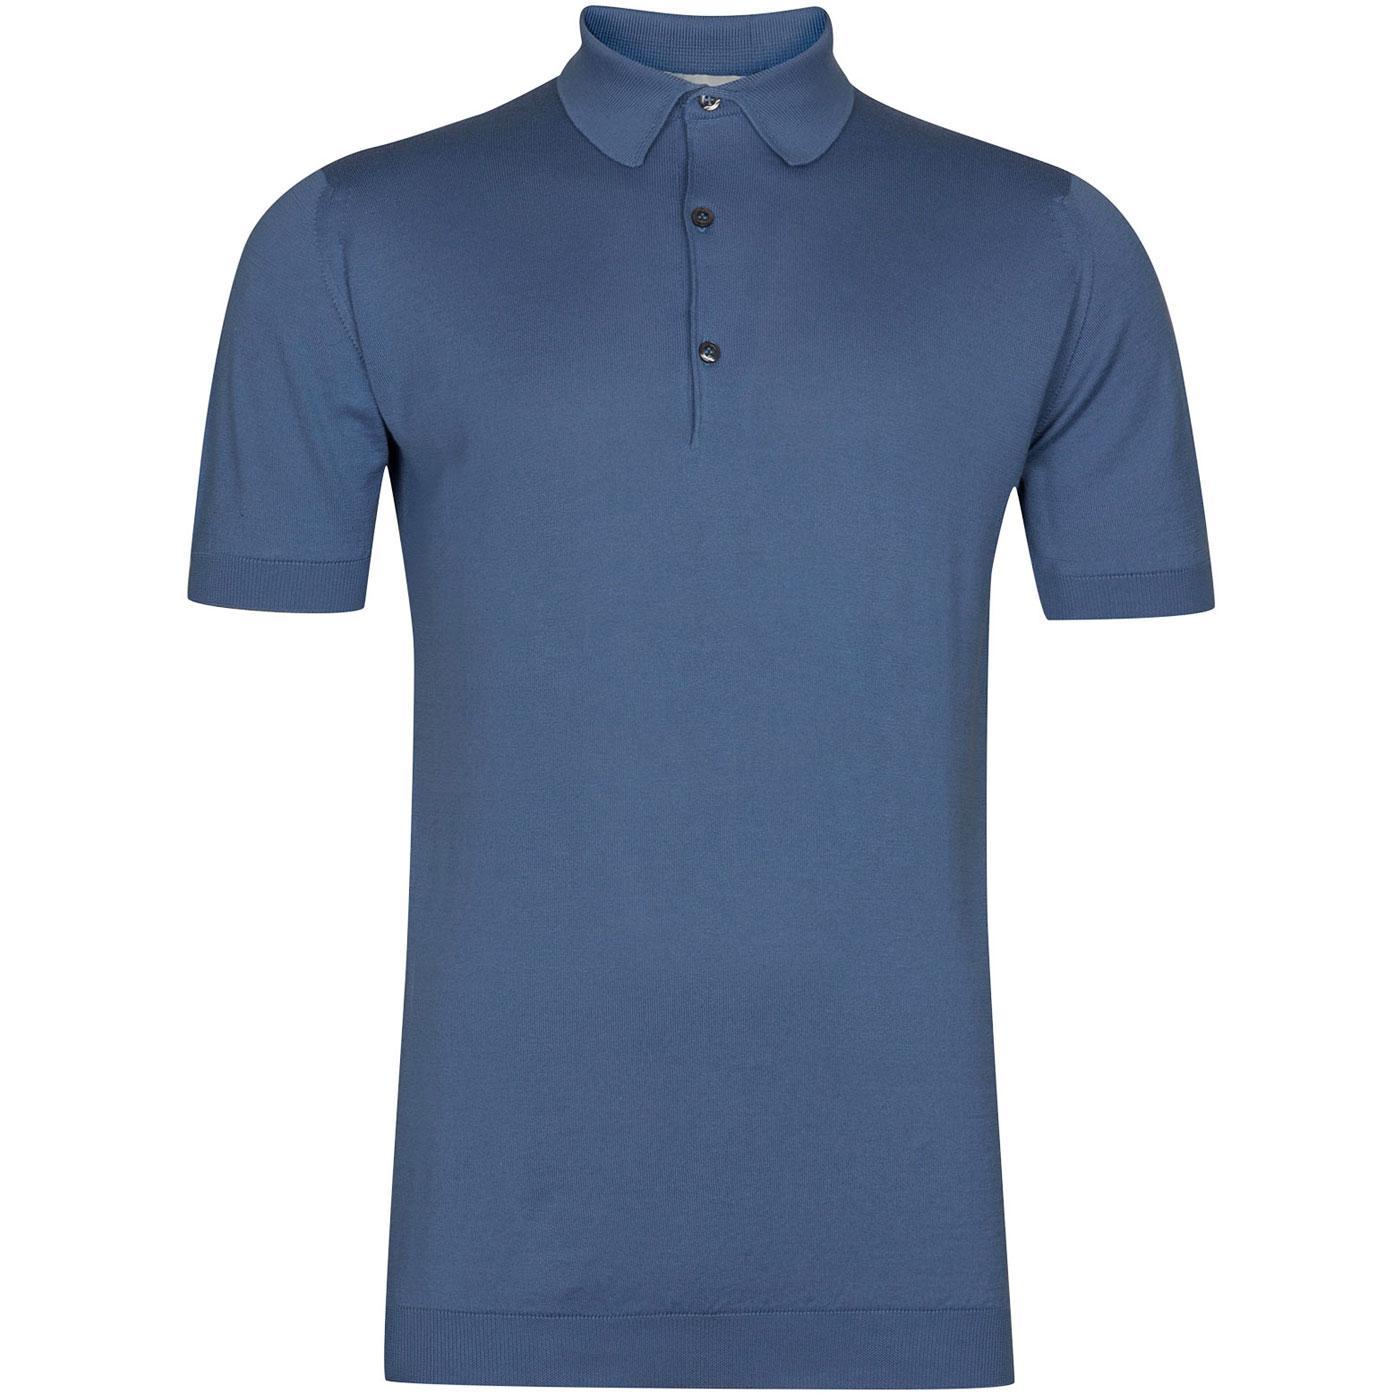 Adrian JOHN SMEDLEY Made in England Polo Top (BI)